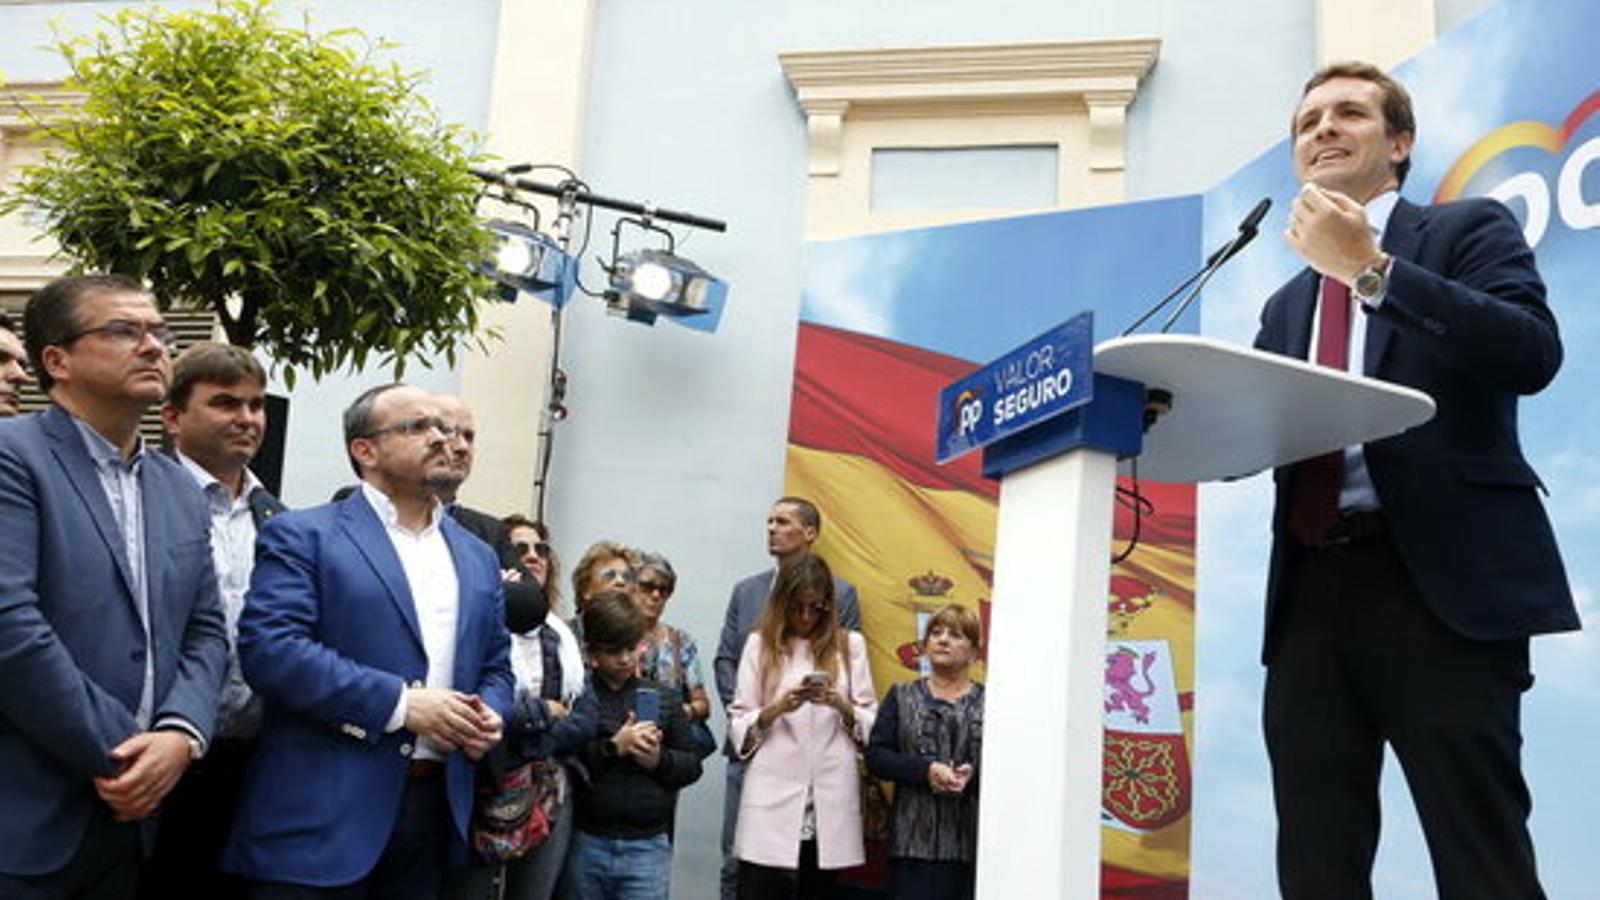 """Pablo Casado avisa que posarà """"ordre"""" a Catalunya quan arribi a la Moncloa: """"Jo no vull un apartheid a Espanya"""""""